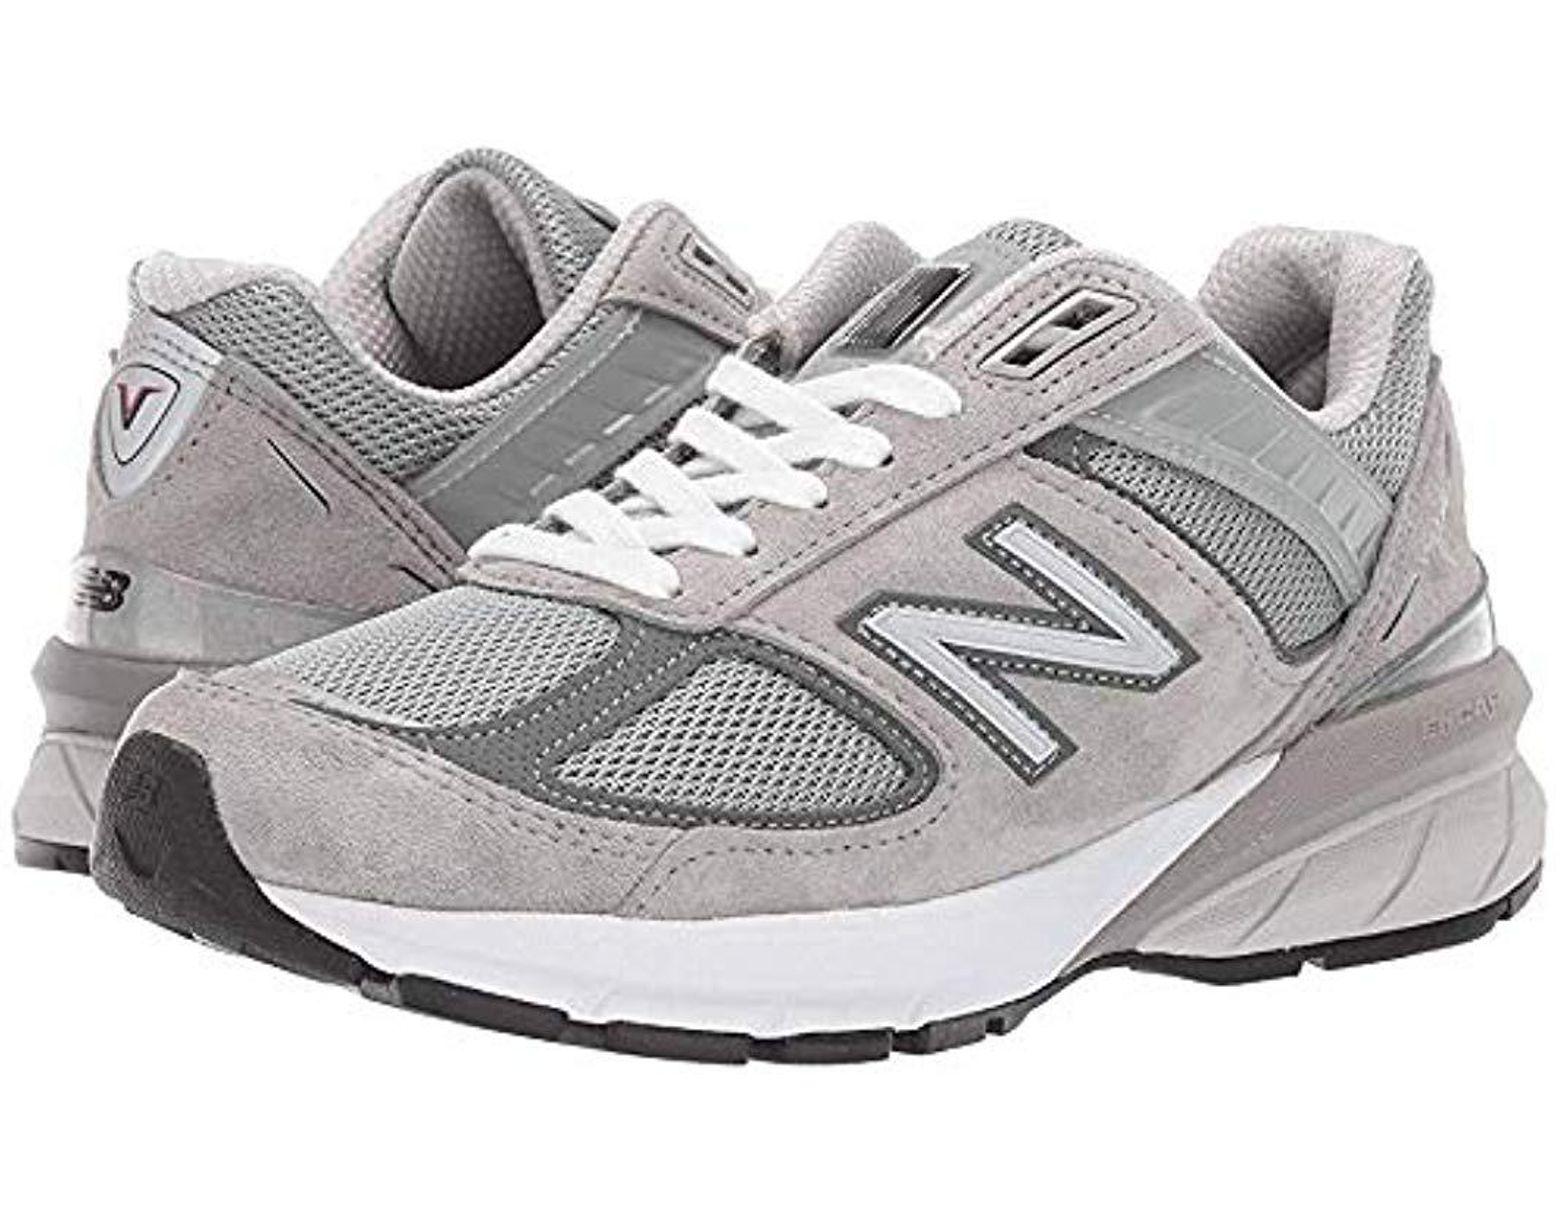 082197cfcae11 Women's Gray 990v5 Sneaker